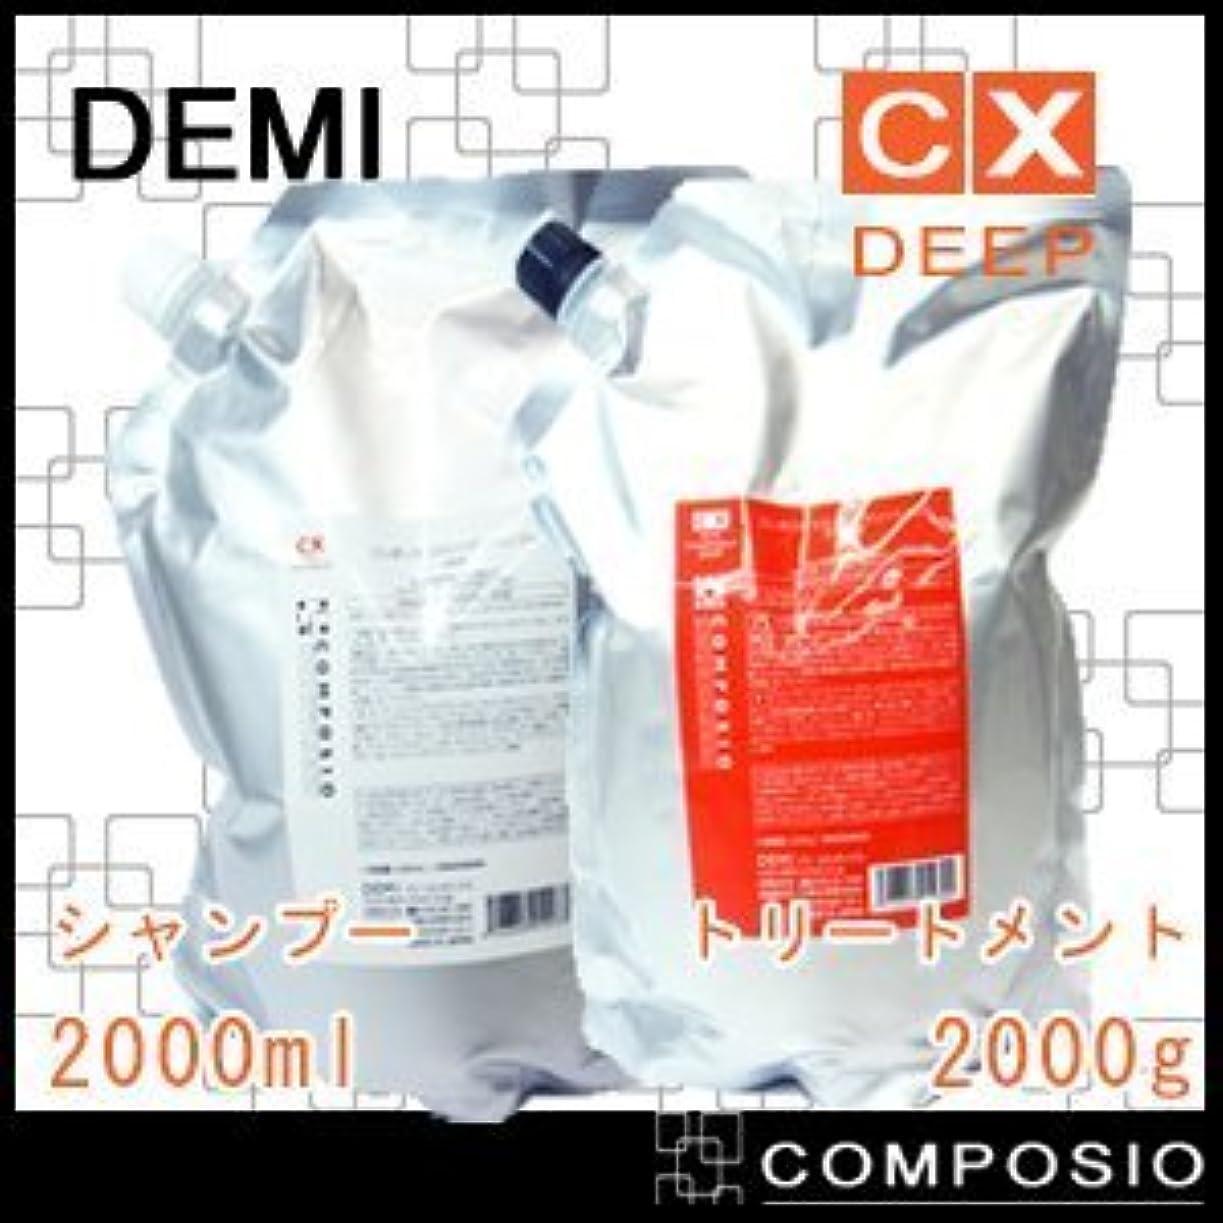 許さないレディベギンデミ コンポジオ CXリペアシャンプー&トリートメント ディープ 詰め替え 2000ml,2000g